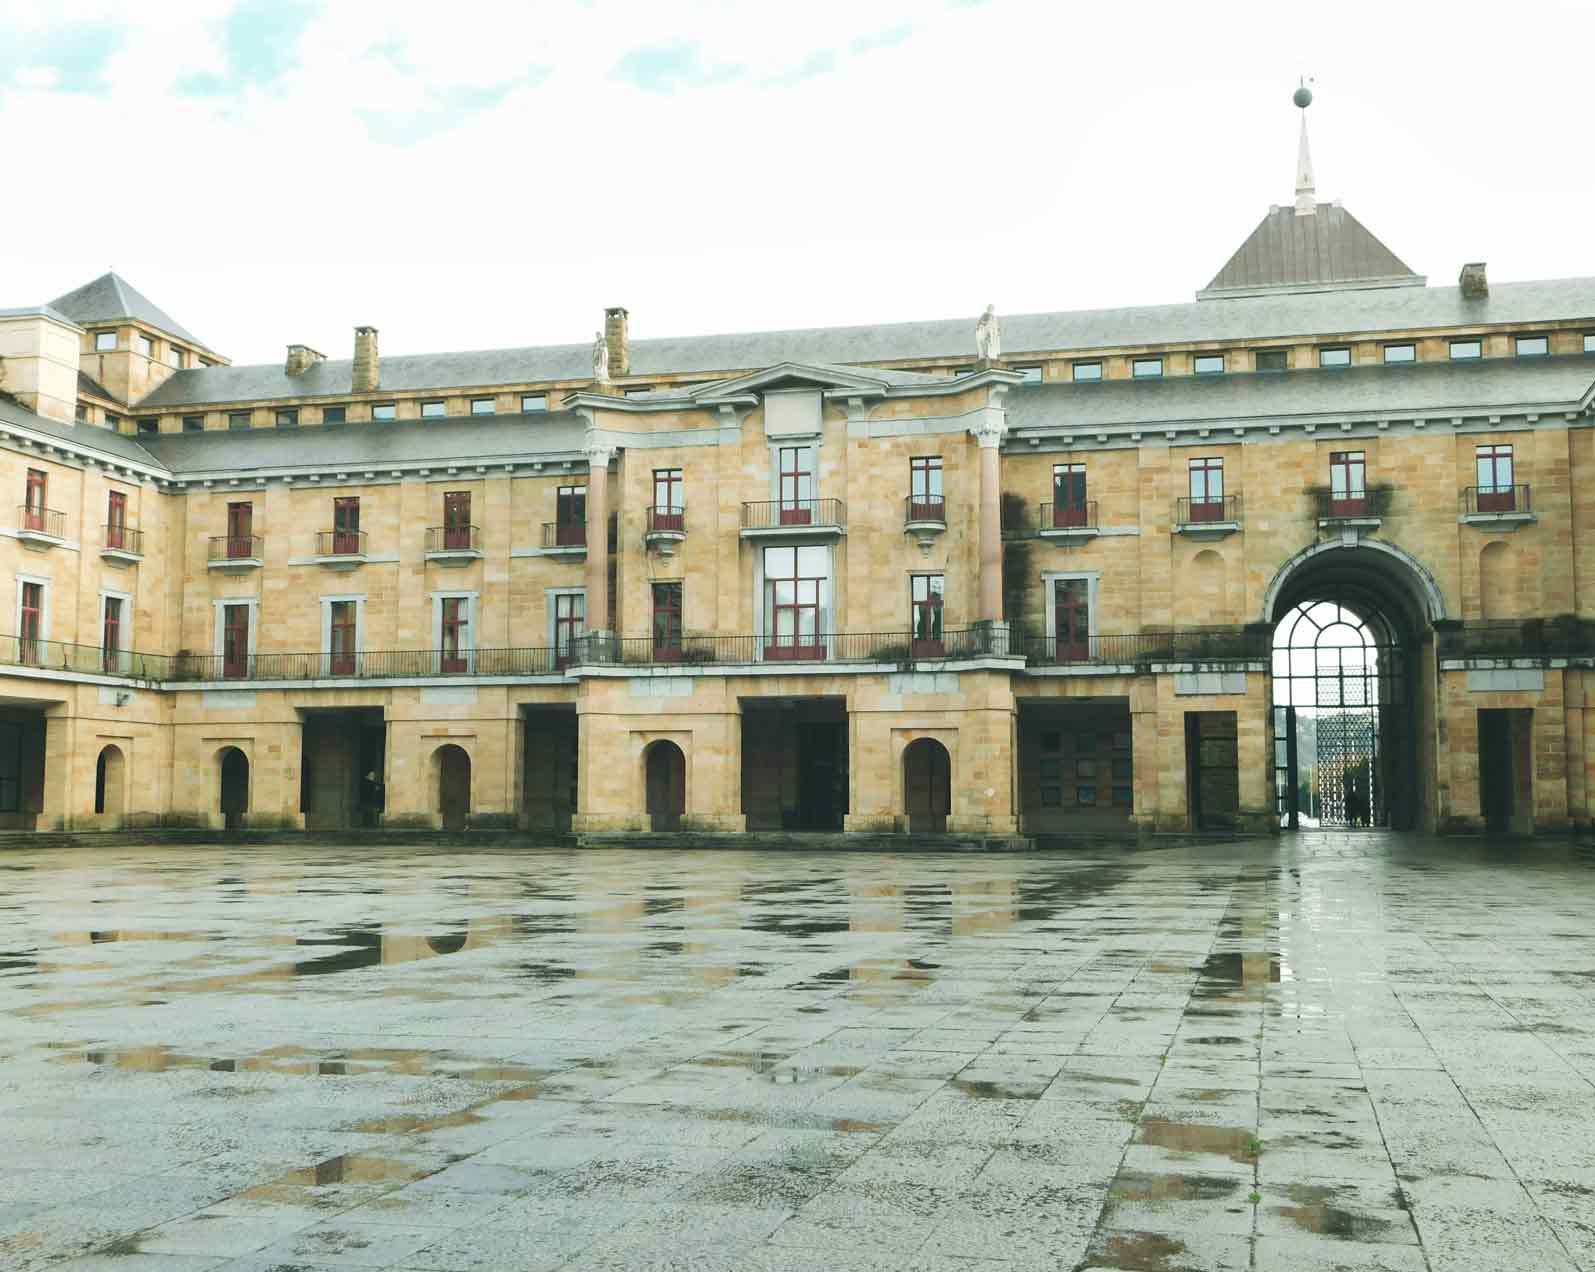 Laboral square